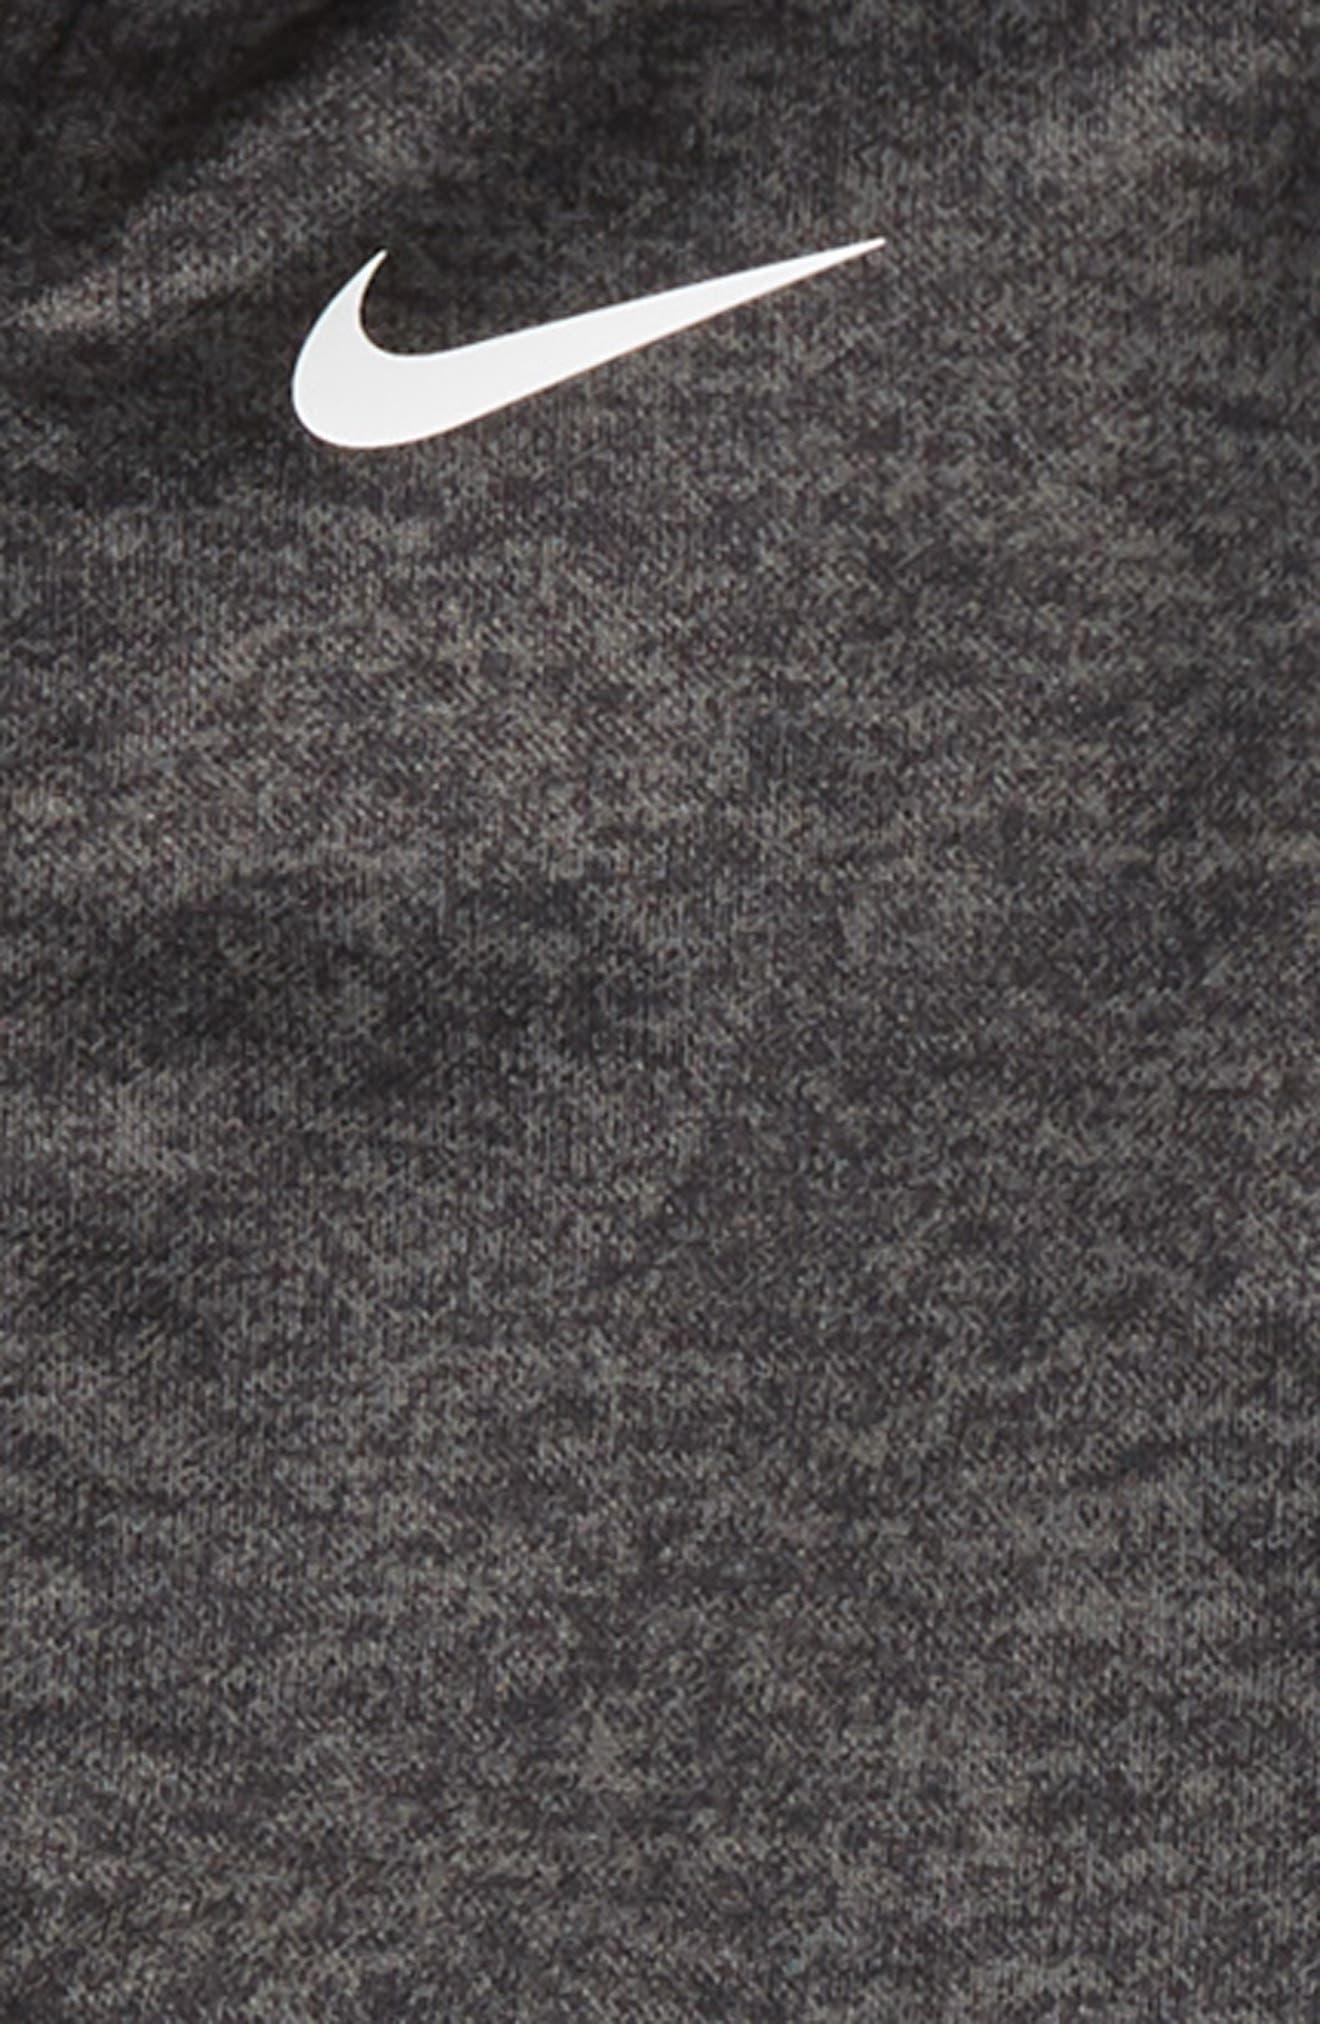 Speckle Dry Zip Hoodie & Pants Set,                             Alternate thumbnail 2, color,                             BLACK